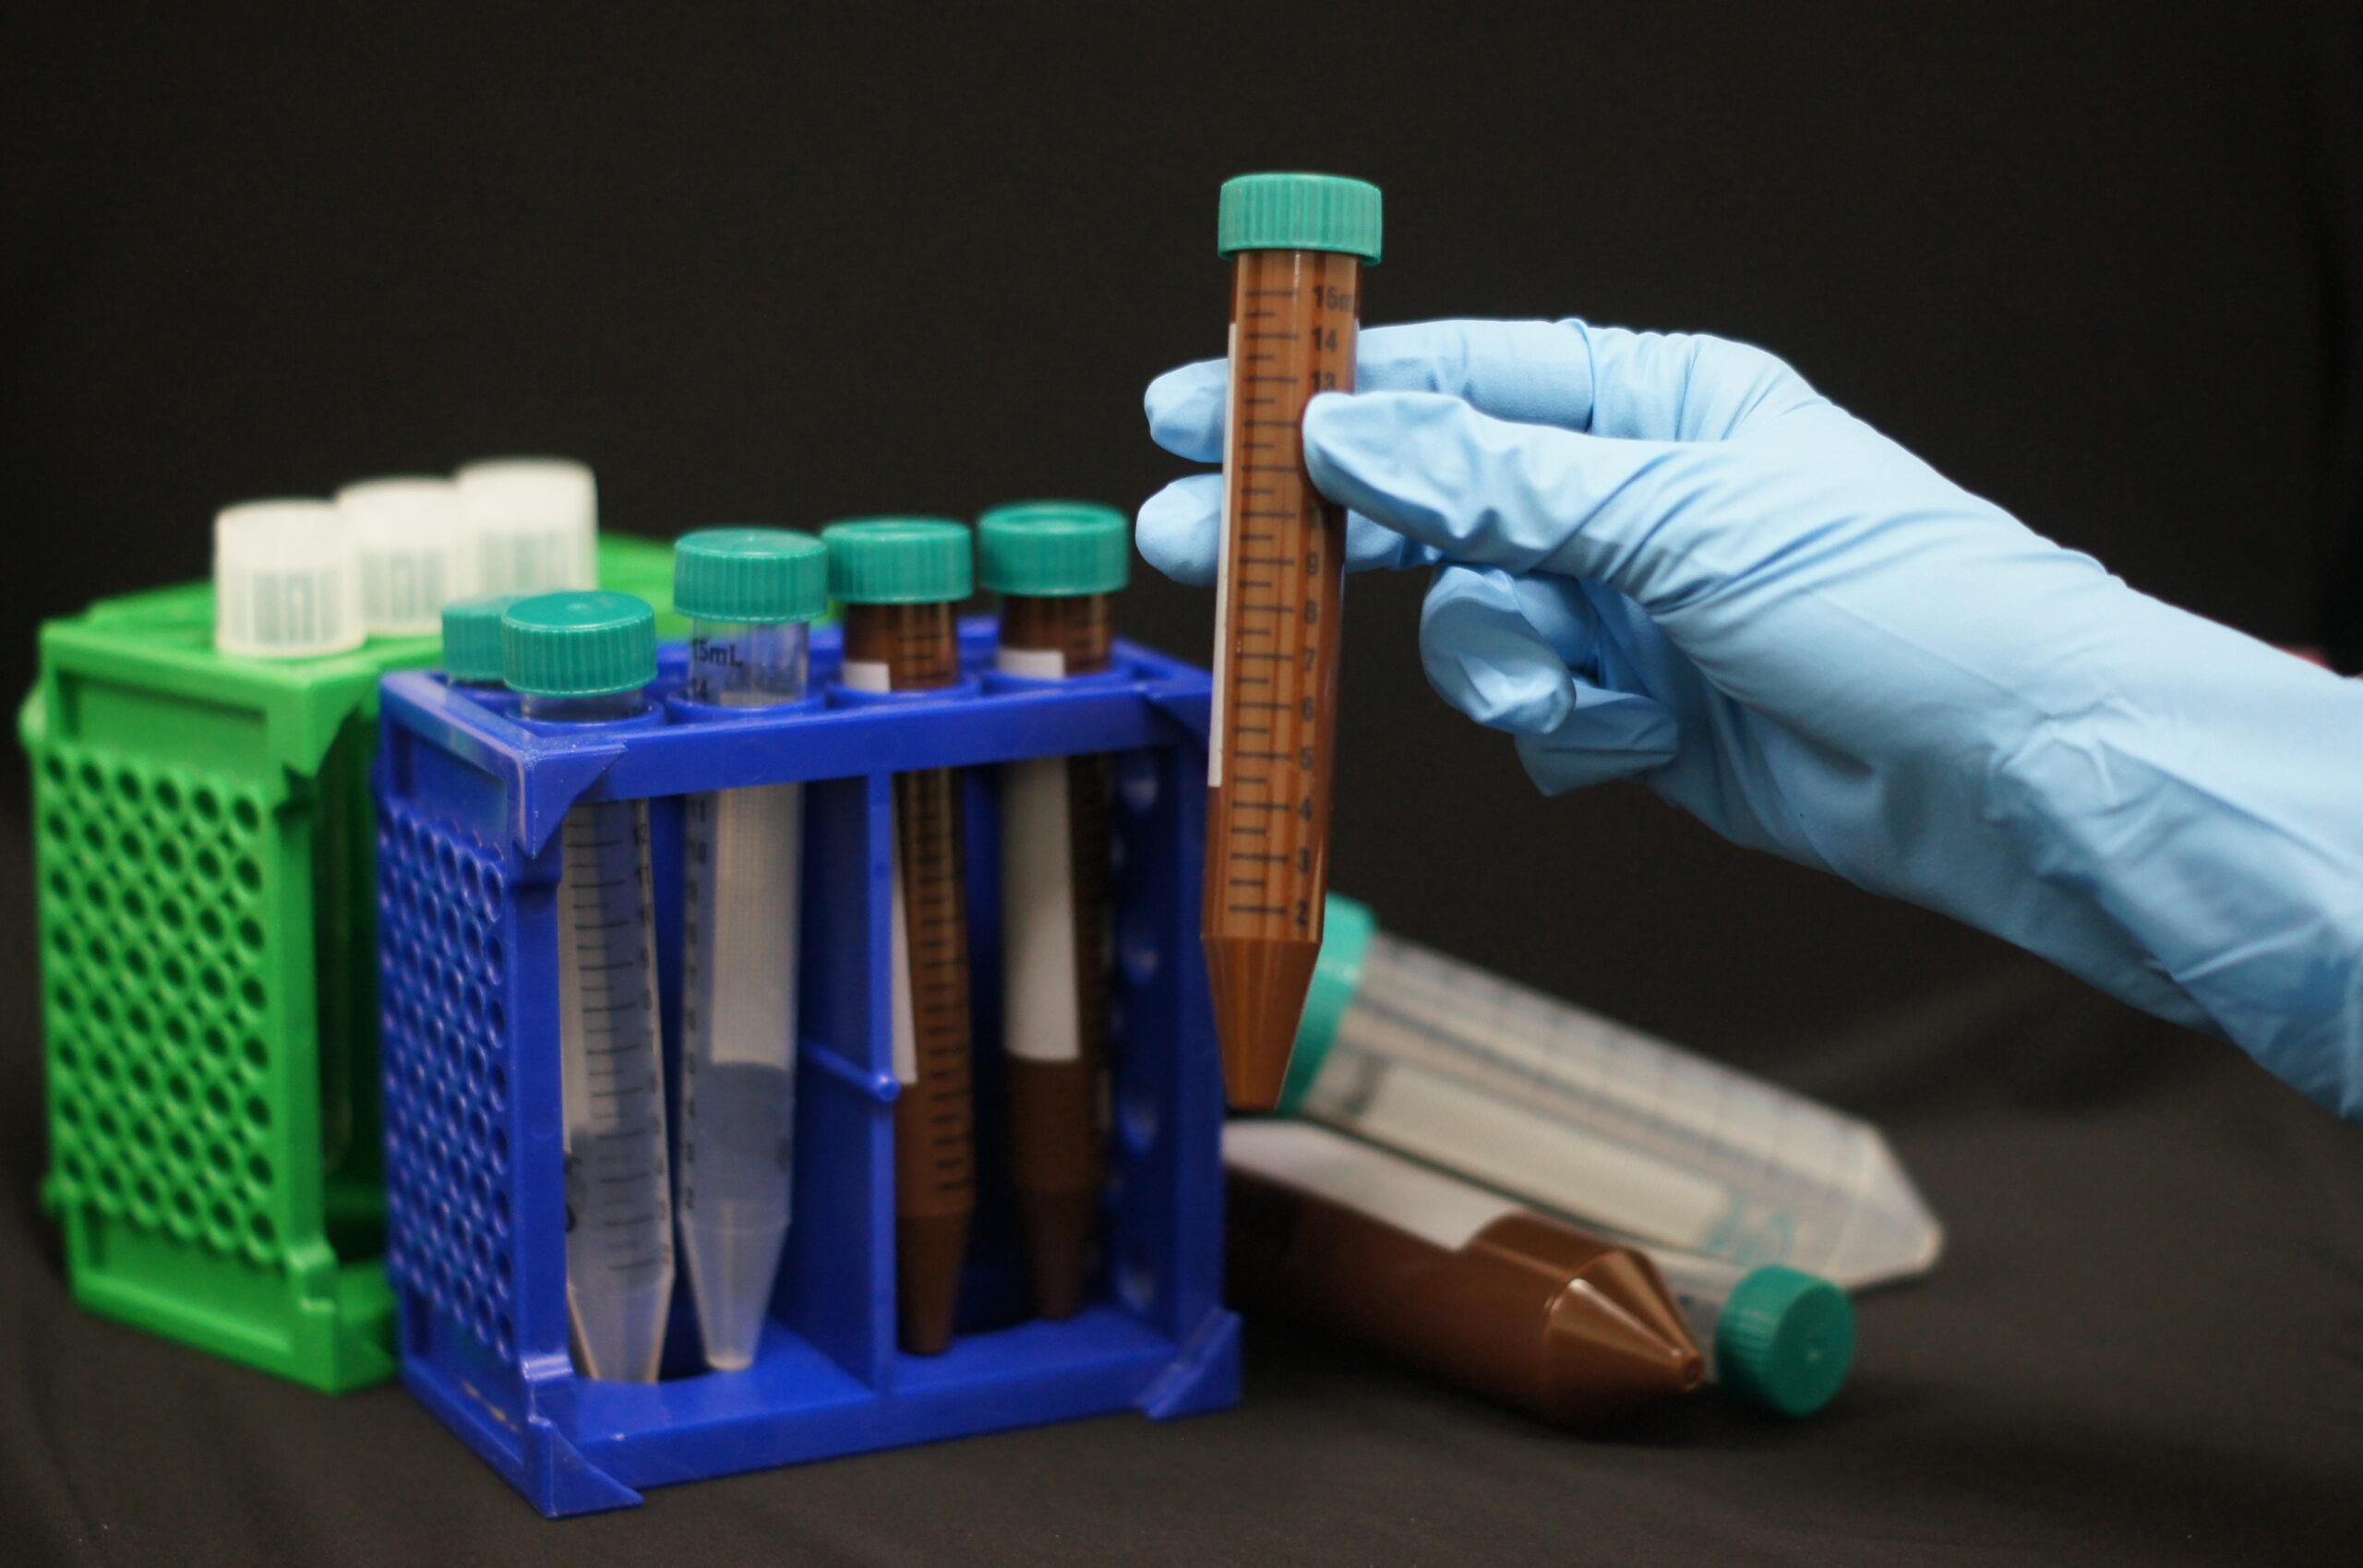 UVsafe™ Amber 15 ml Centrifuge Tubes with Plug Style Caps. Sterile